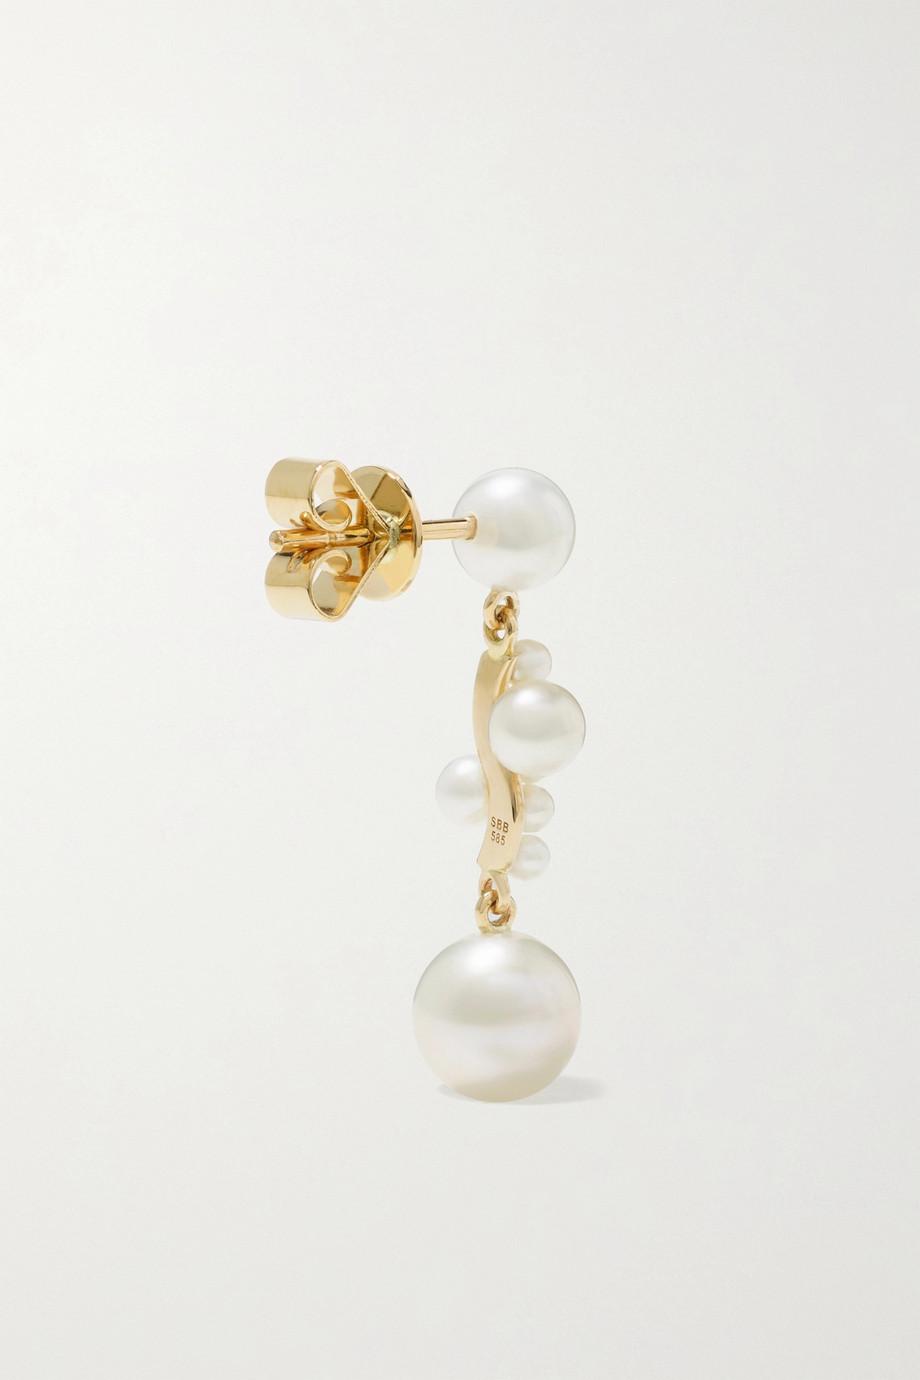 Sophie Bille Brahe Boucle d'oreille en or 14 carats et perles Petite Ocean Perle